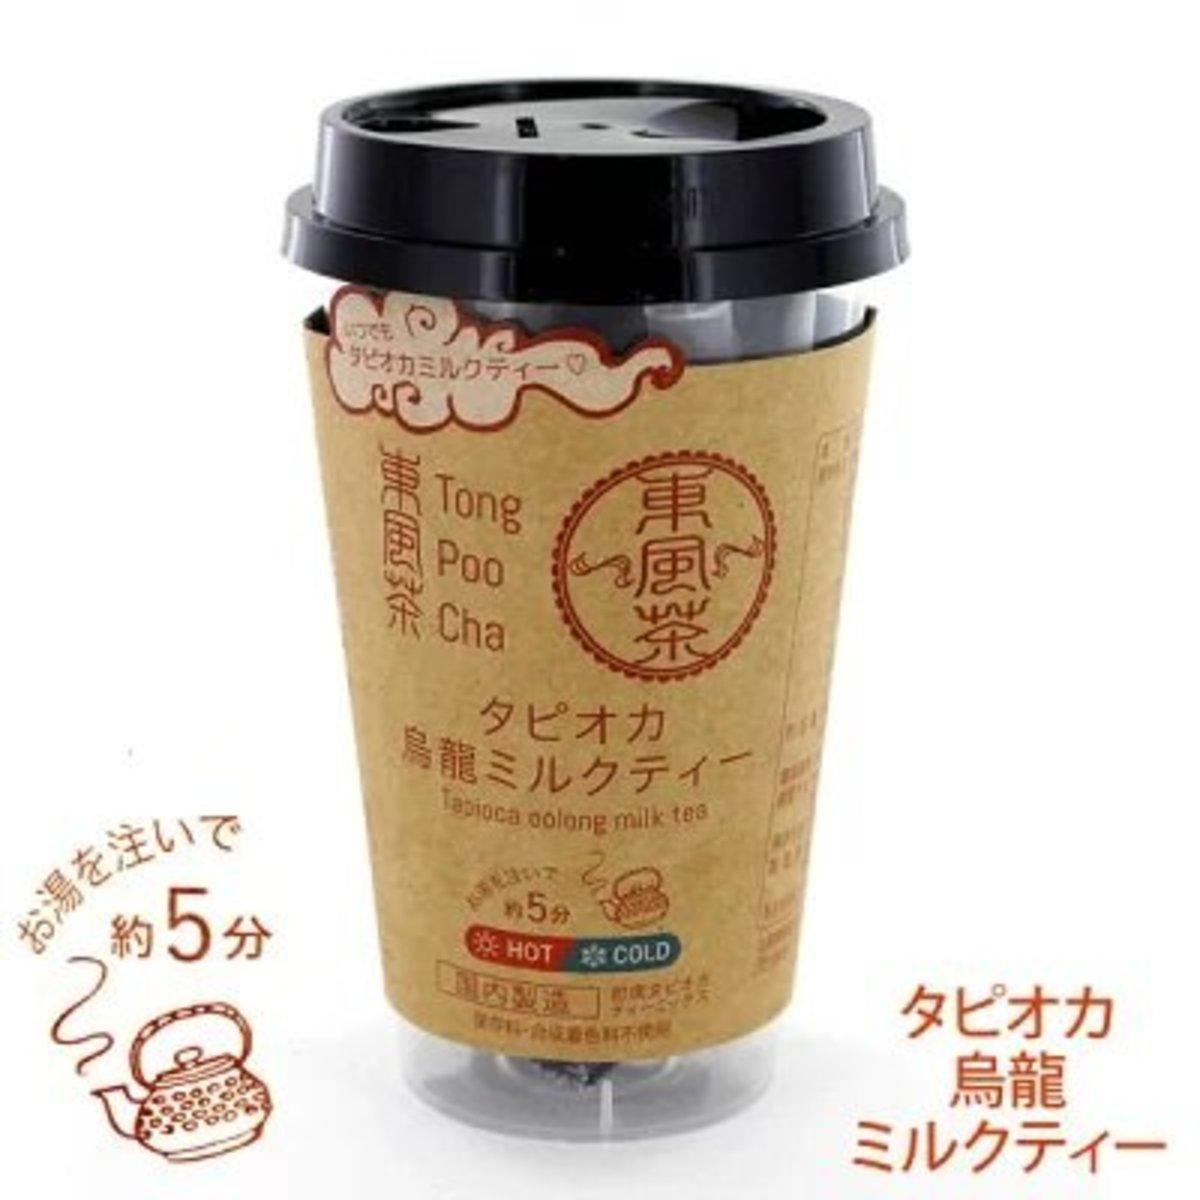 日本本土東風珍珠烏龍奶茶 75g